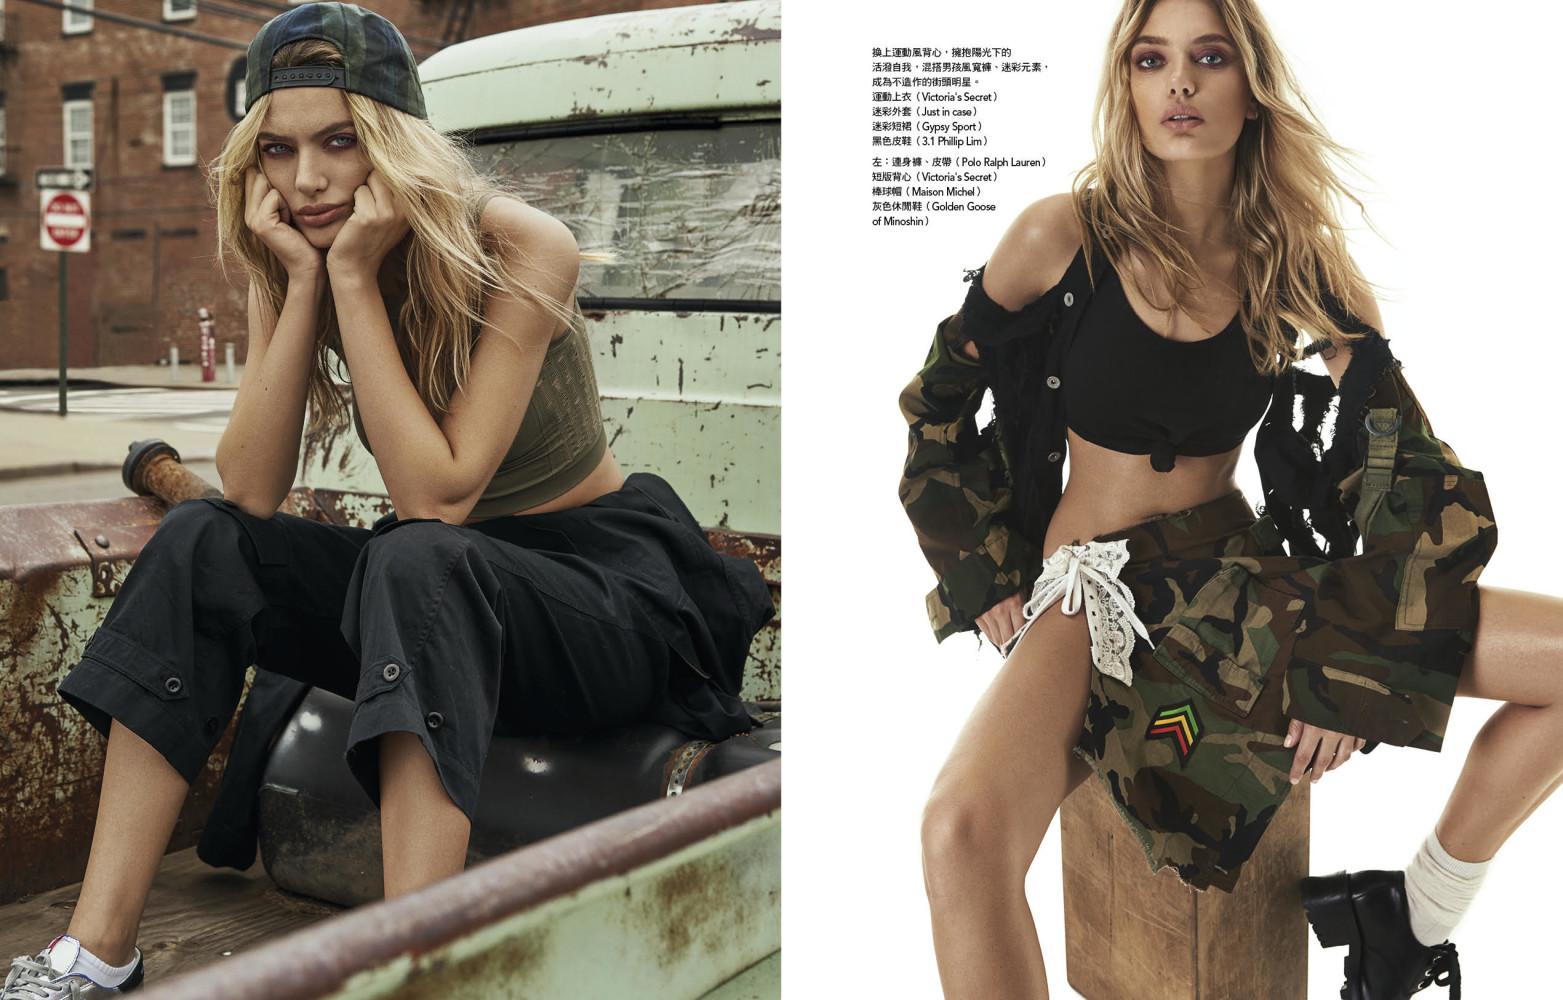 Bregje for Vogue Tawain